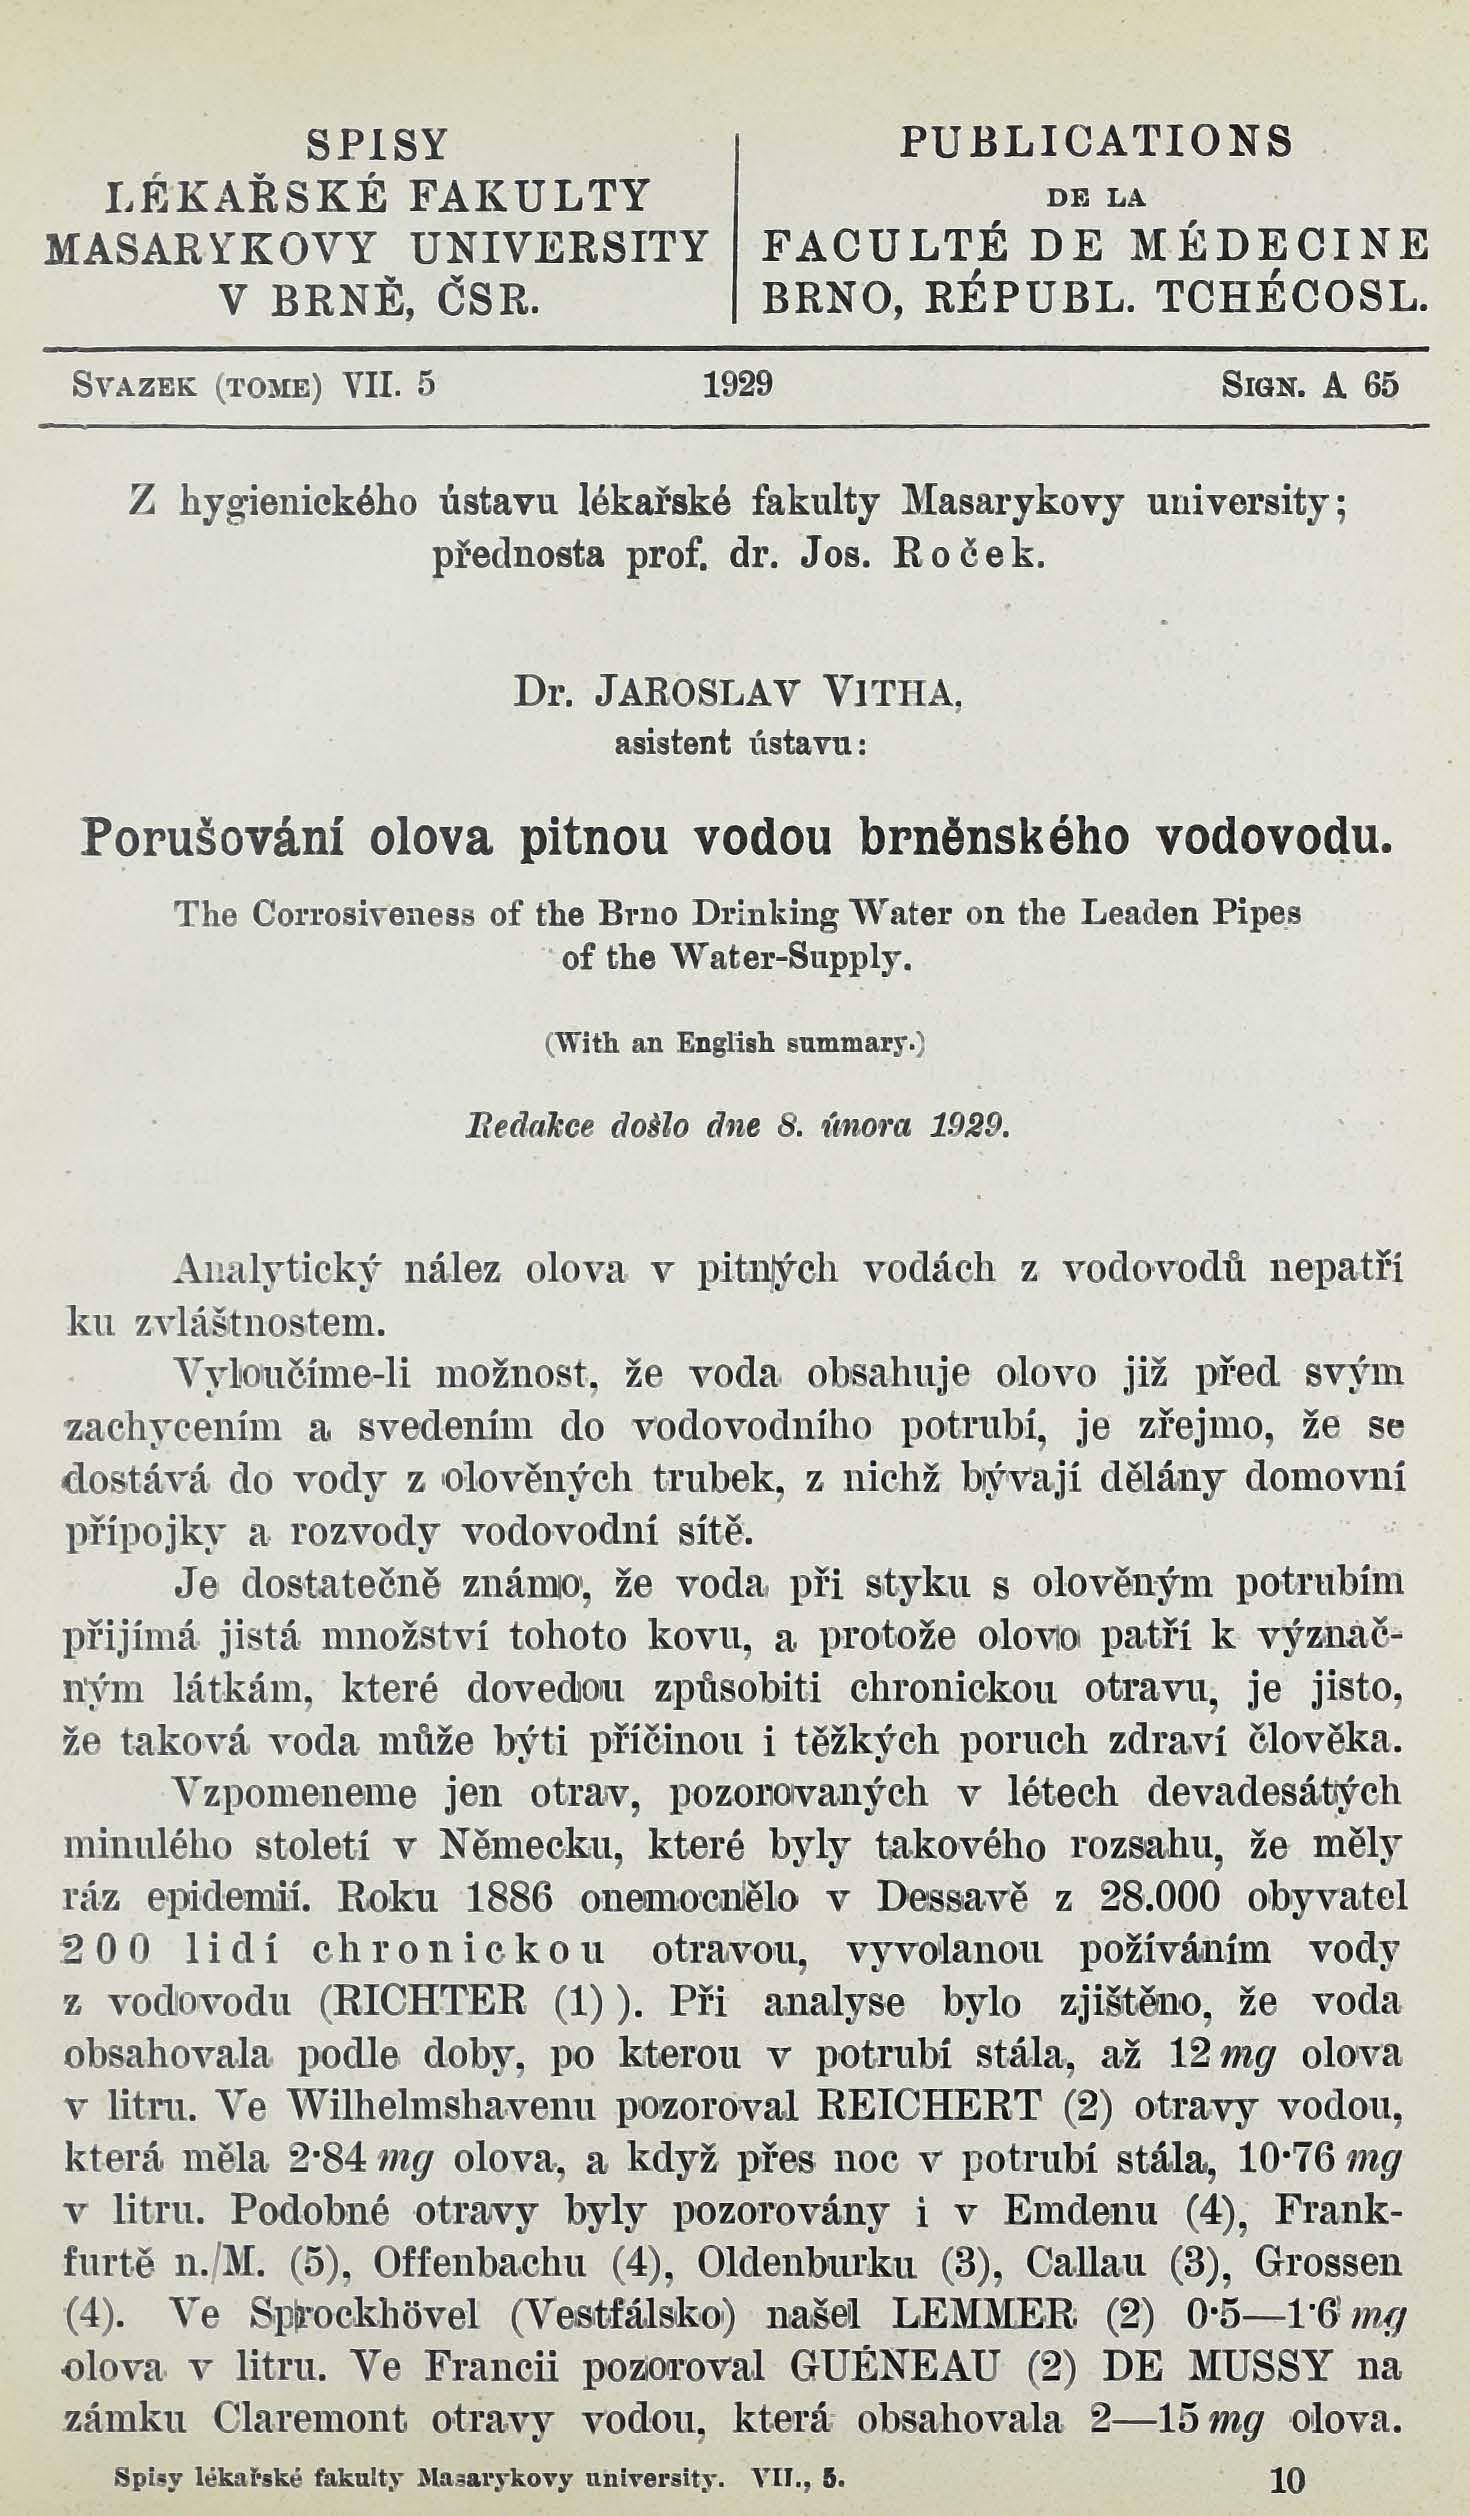 Obálka pro Porušování olova pitnou vodou brněnského vodovodu / The corrosiveness of the Brno drinking water on the leaden pipes of the water-supply